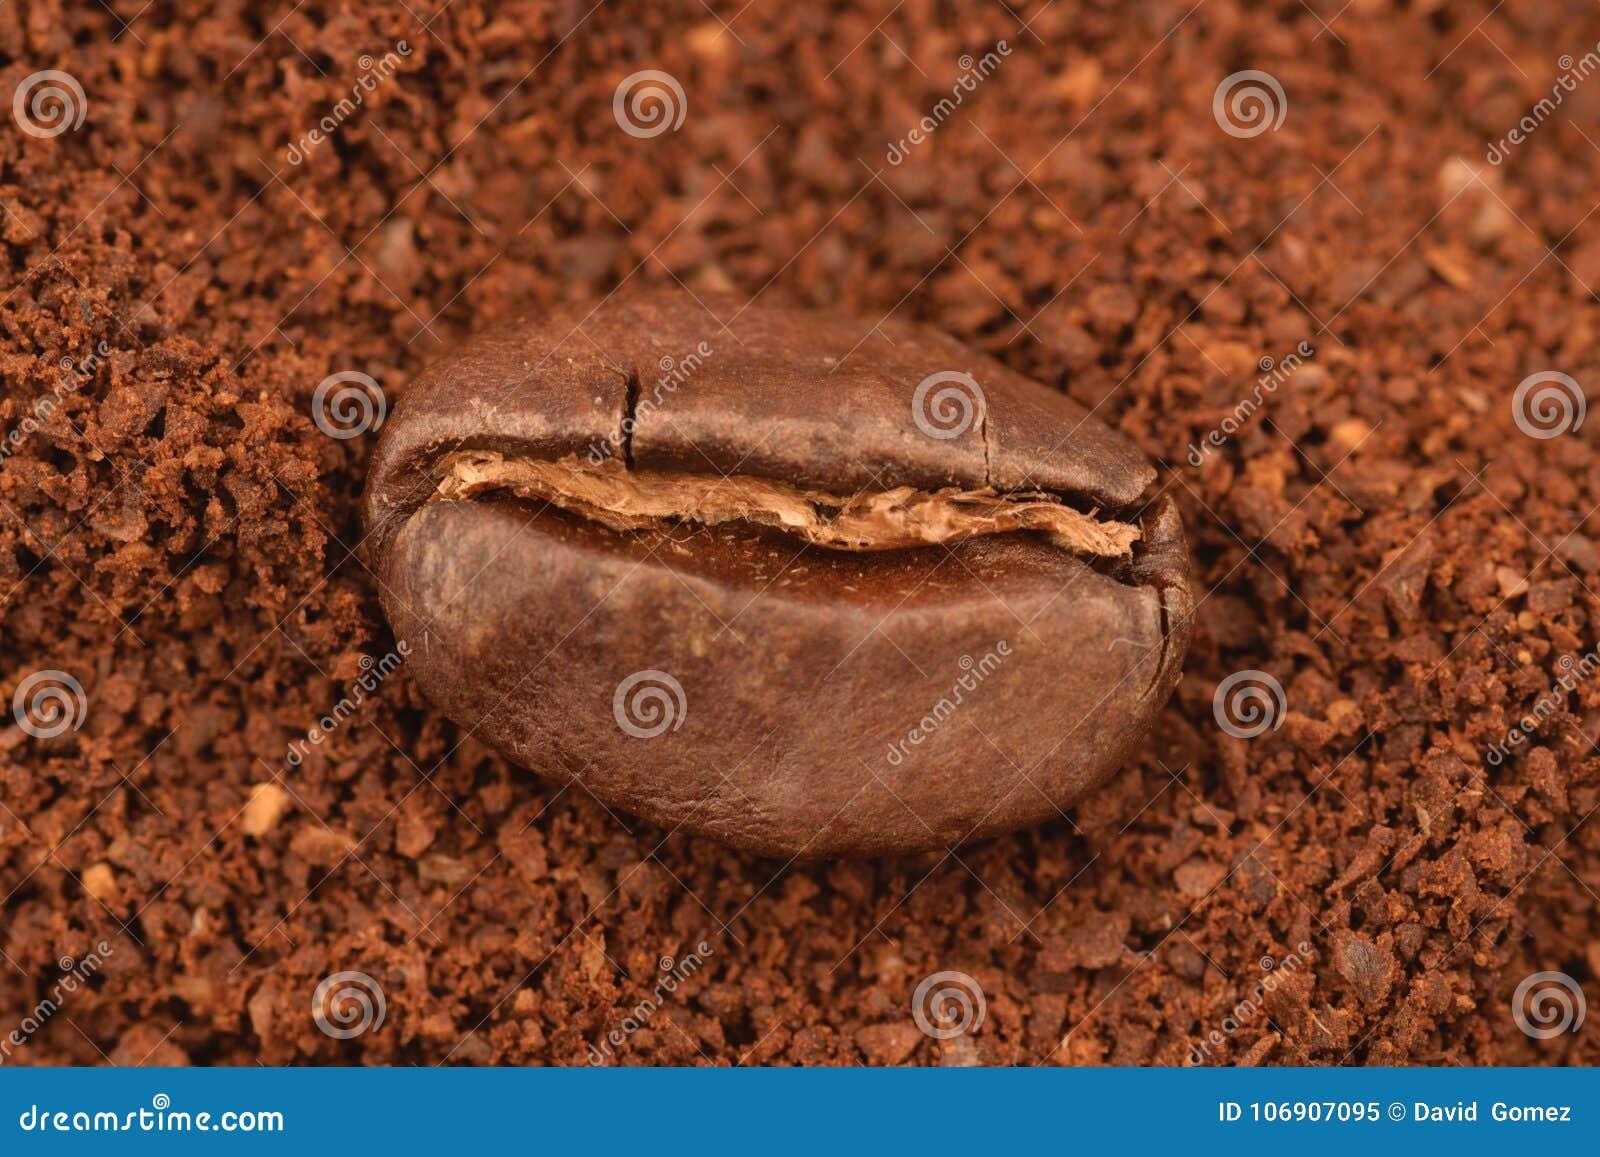 Coffe adra w boakground zmielony coffe